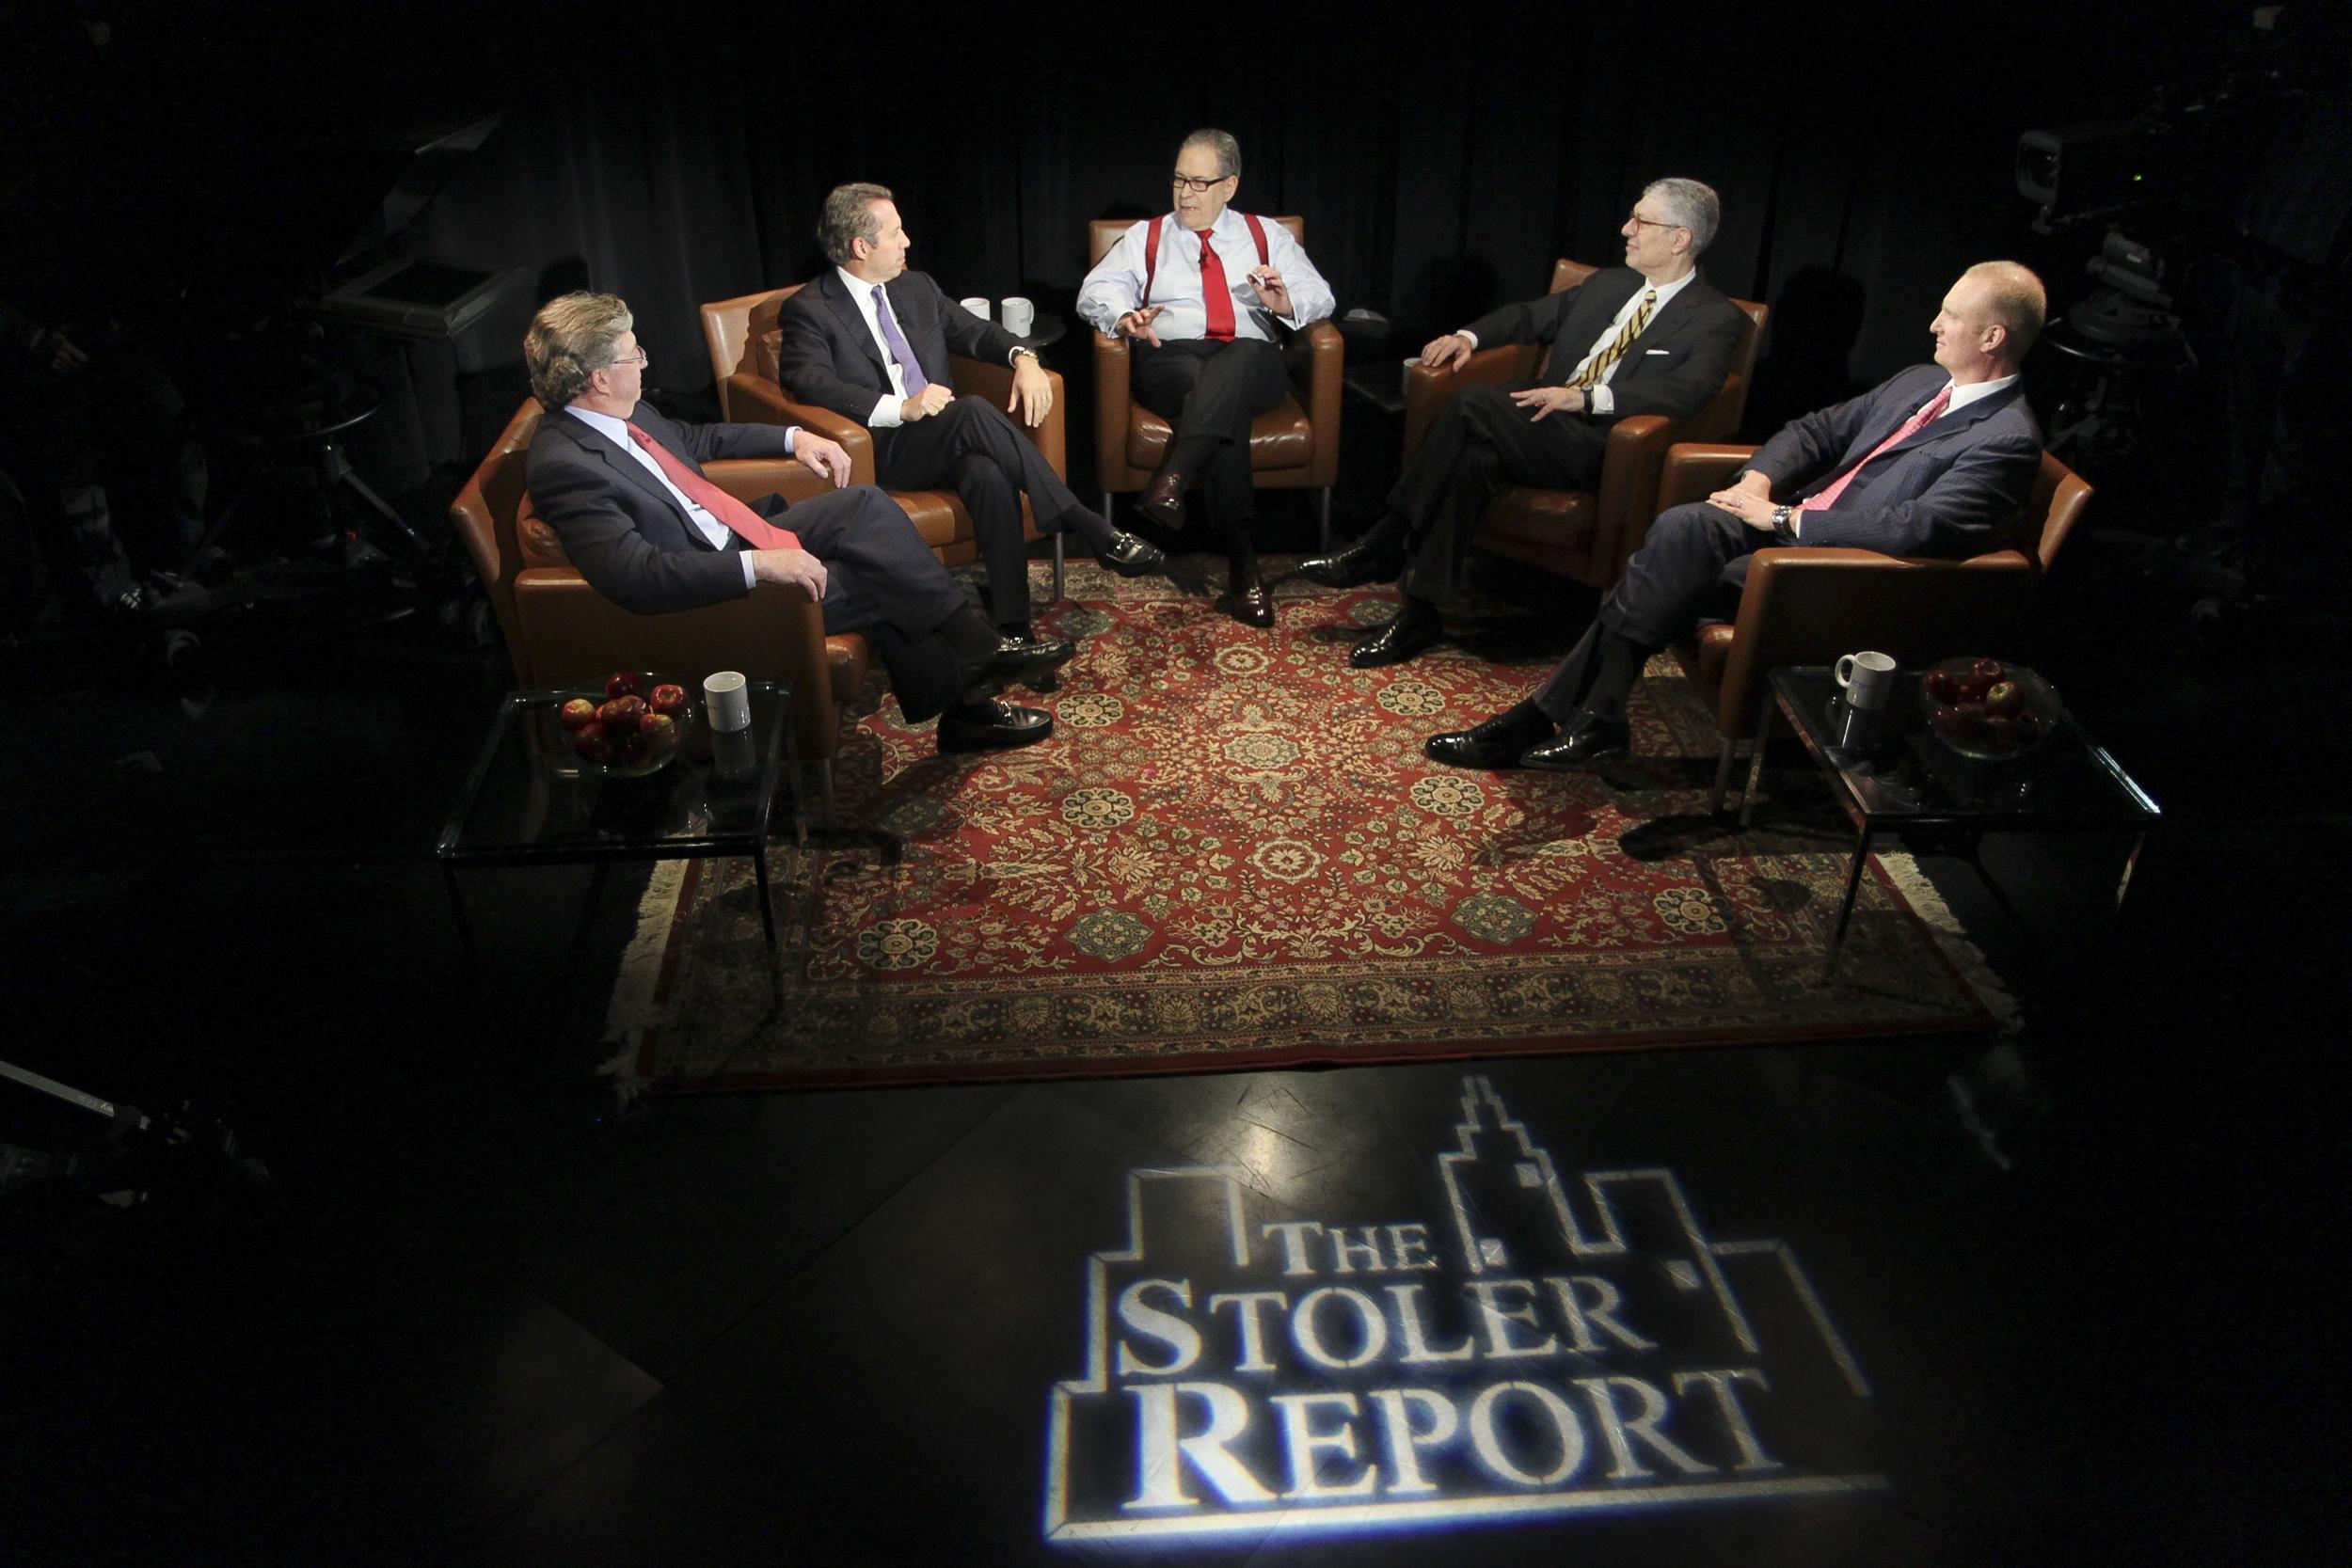 stoler report, falk, bernstein, spyer, office.JPG